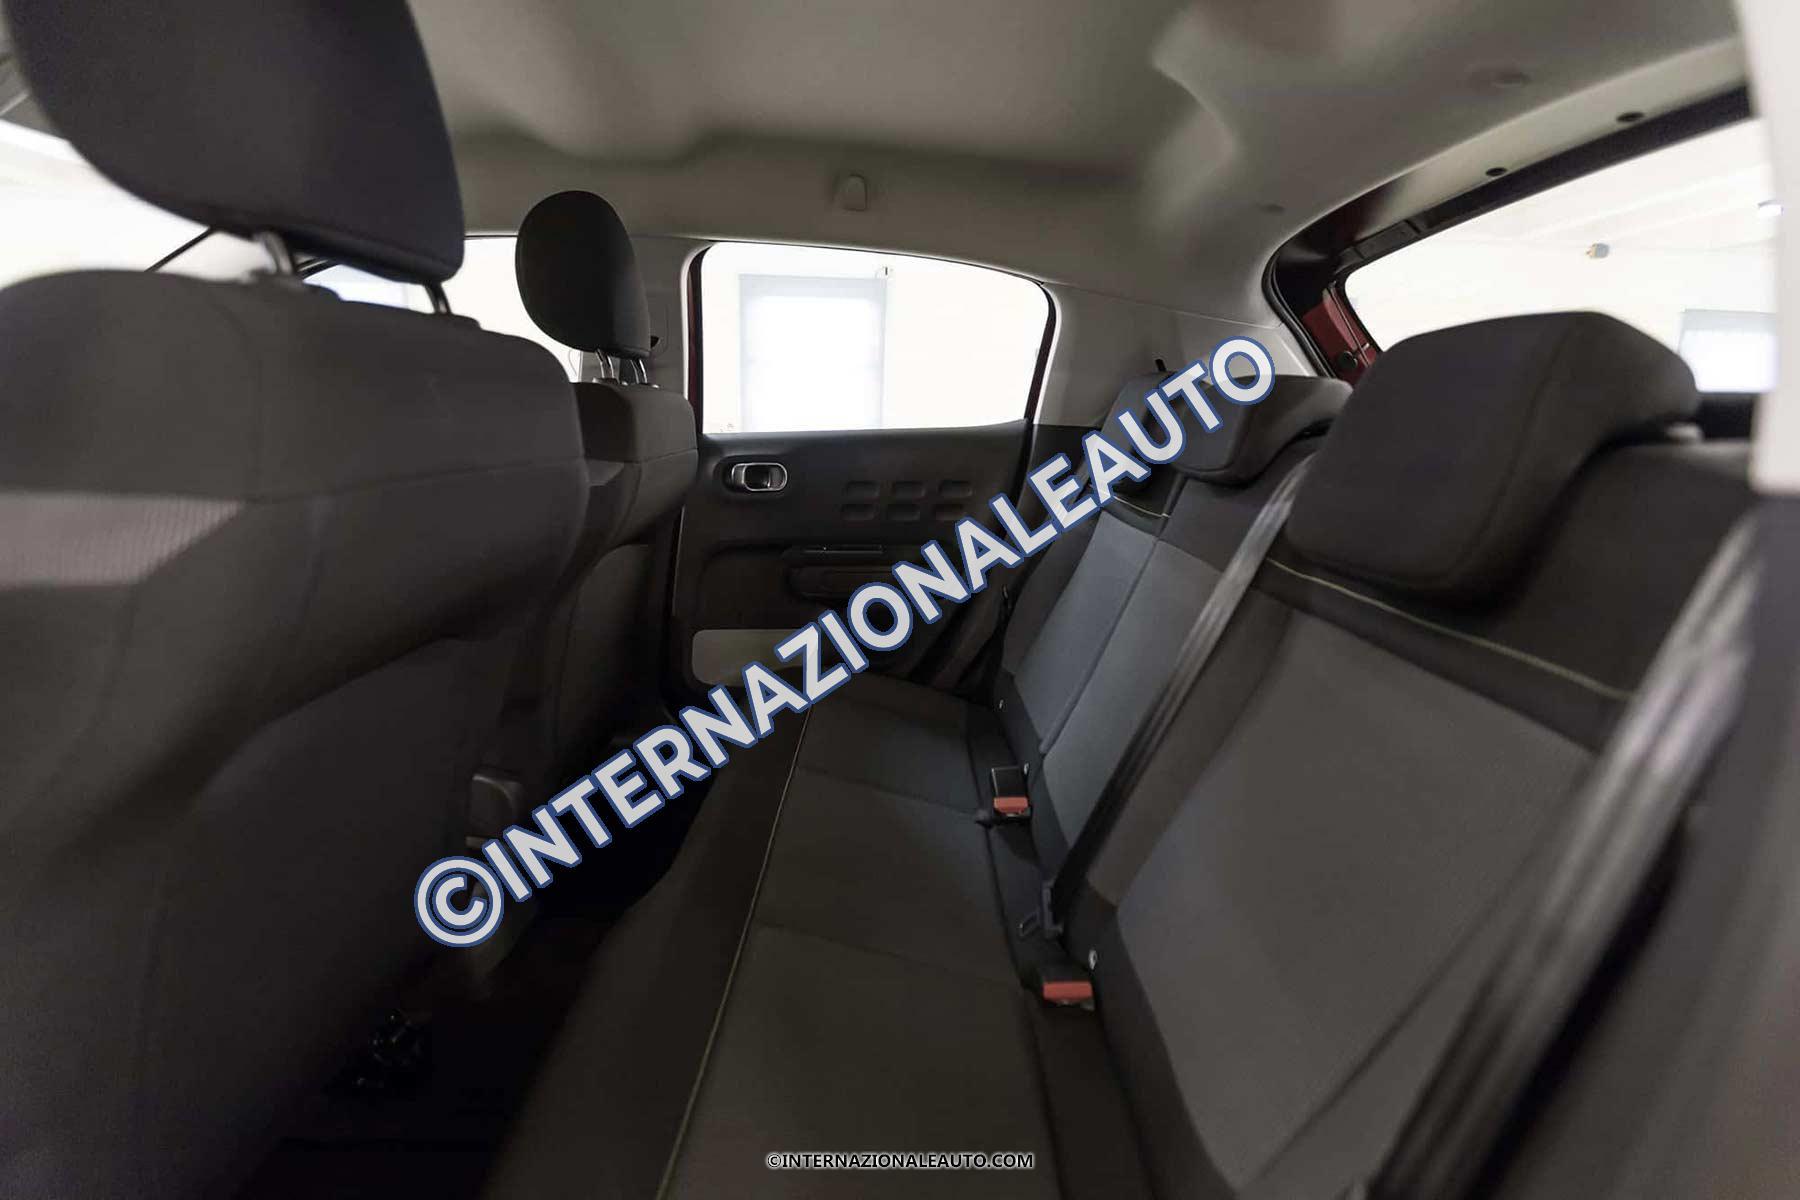 citroen c3 bluehdi 75 shine usata internazionaleauto. Black Bedroom Furniture Sets. Home Design Ideas